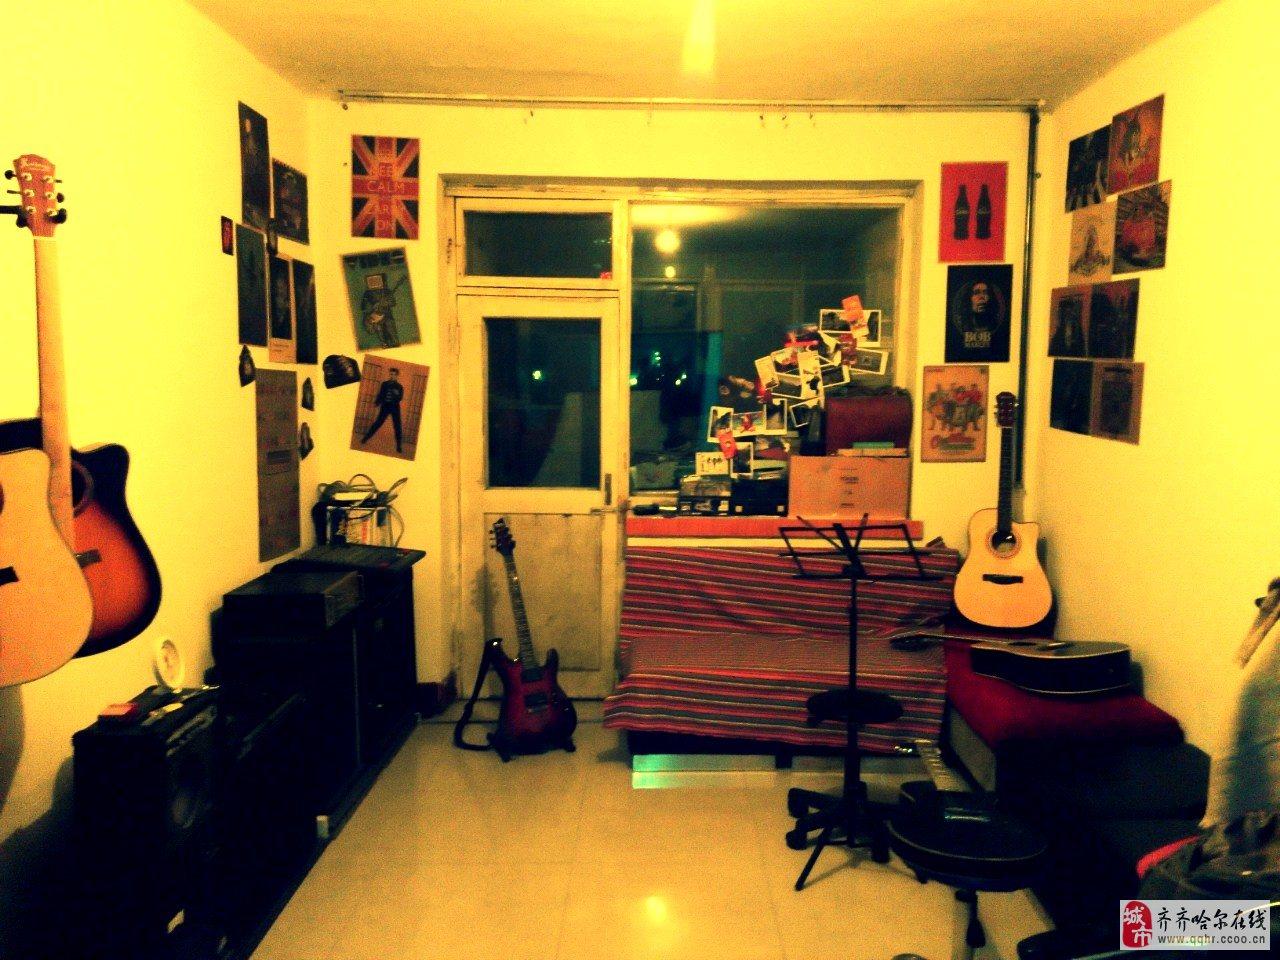 小唱片音乐工作室招生啦!这里不仅仅是个吉他教室图片